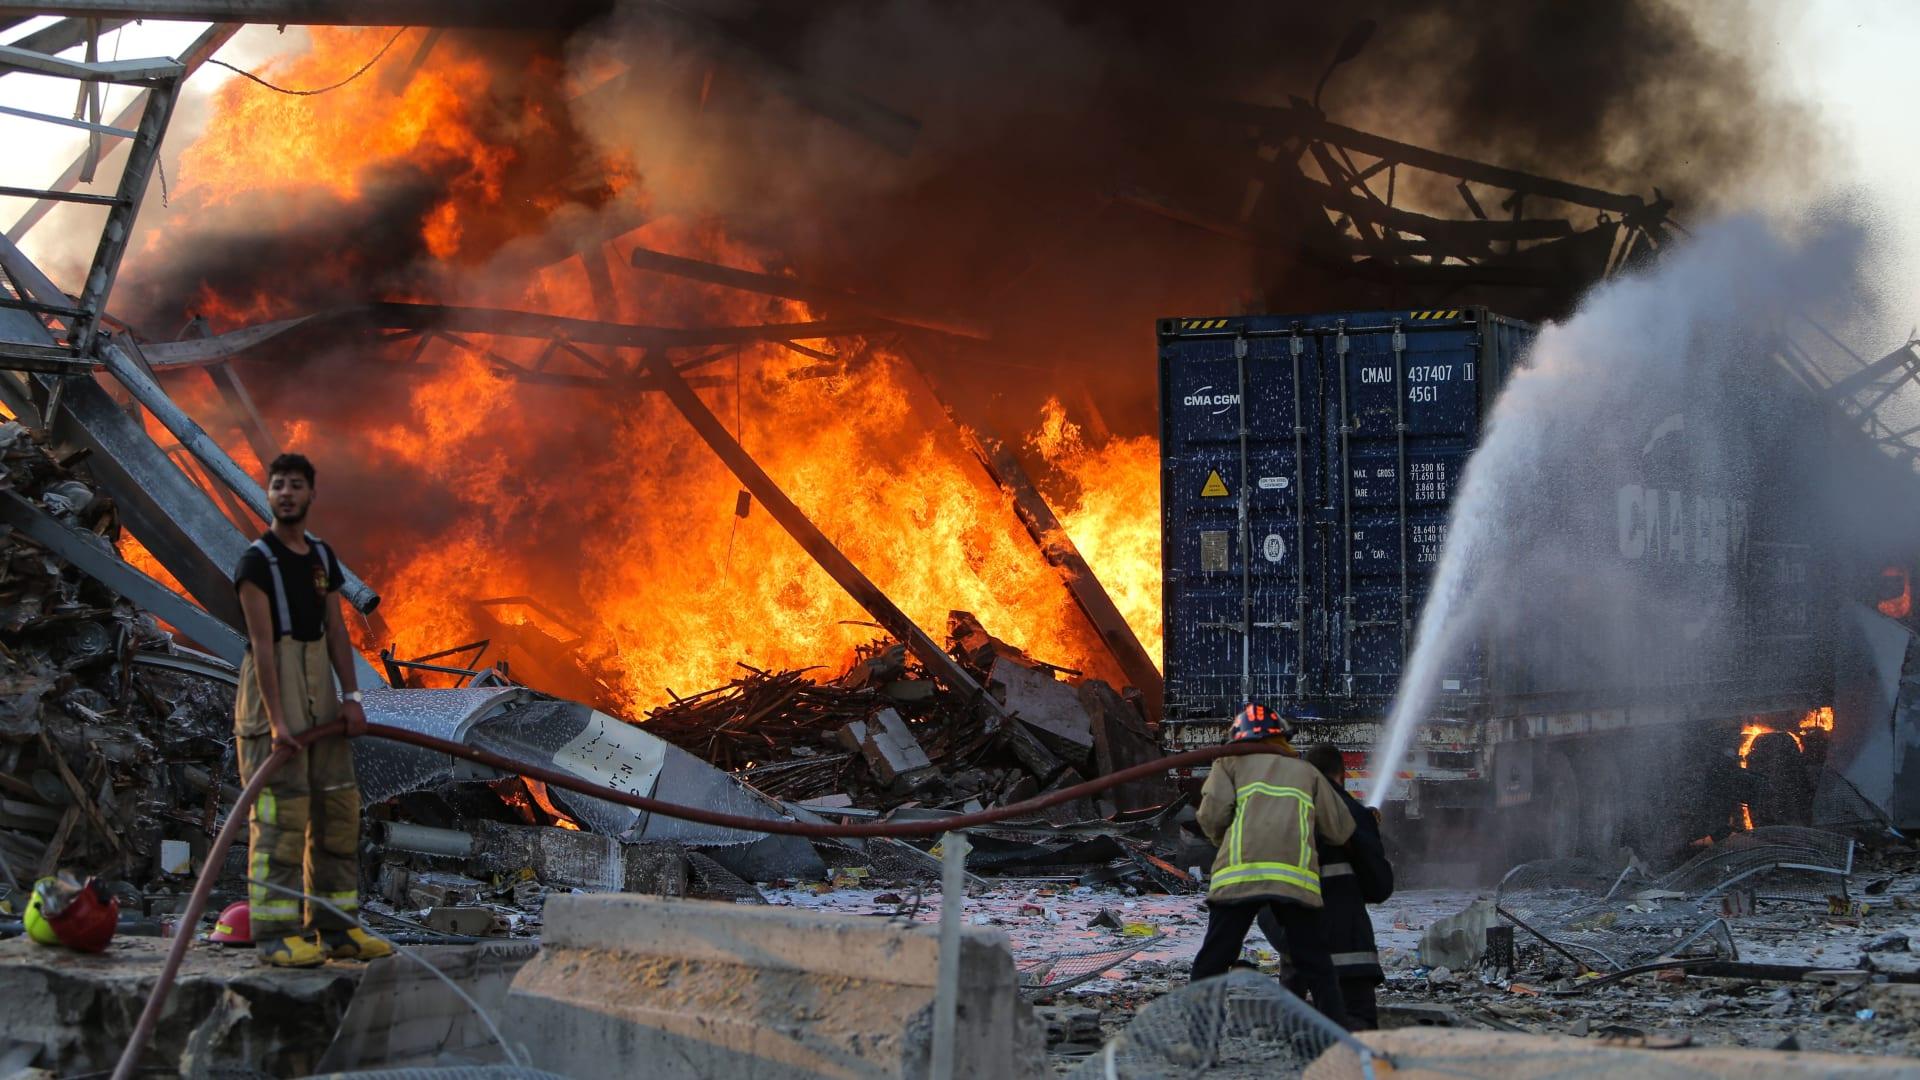 بعد انفجار بيروت.. مشهد يذهل هذا المصور لممرضة تنقذ 3 أطفال حديثي الولادة - المصور بلال جويش